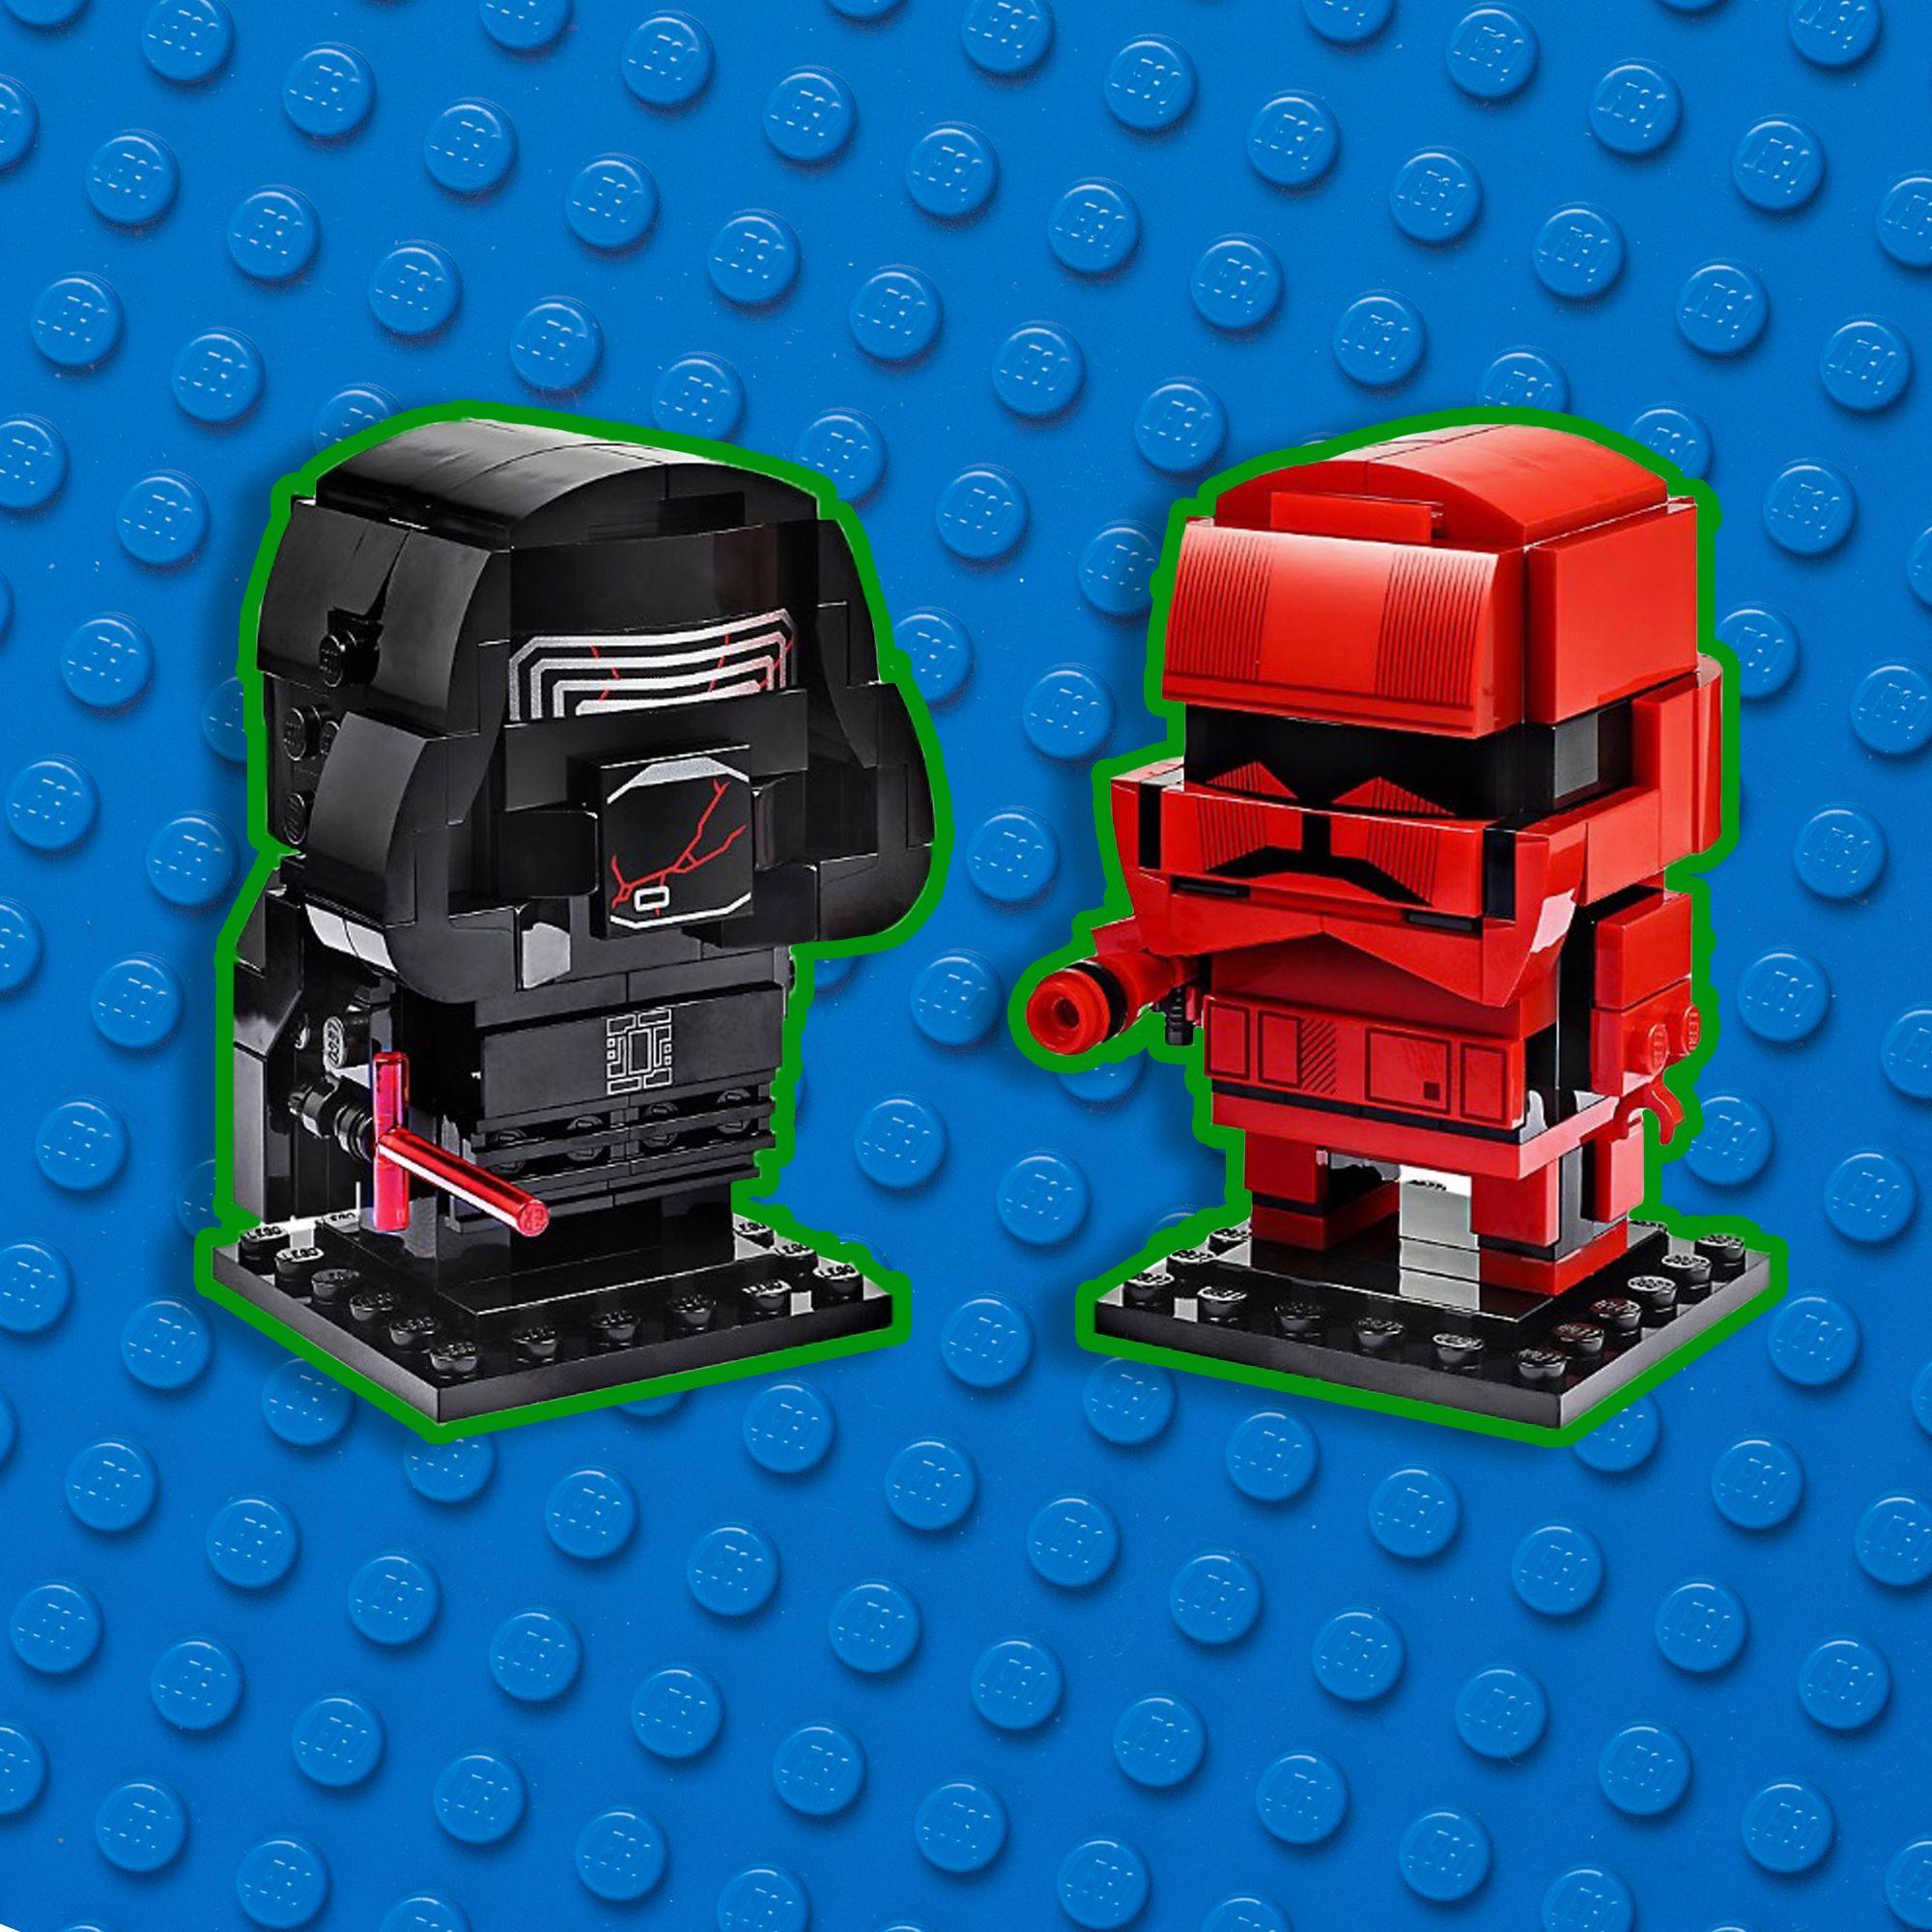 The best LEGO Star Wars sets around